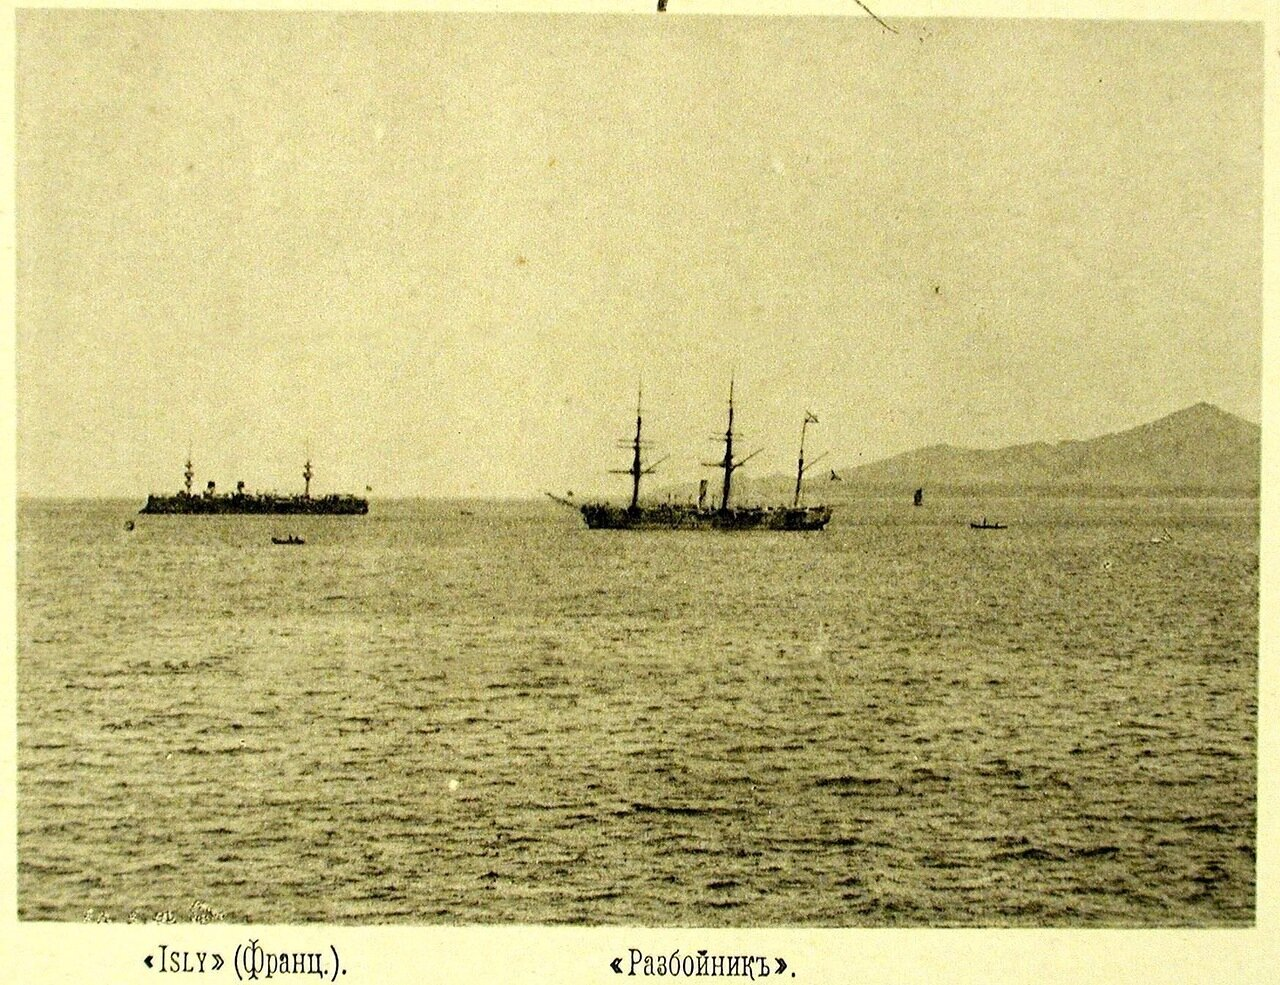 54. Суда соединенной эскадры на рейде: Isly (Франция) - слева и крейсер II-го ранга Разбойник (на который контр-адмирал С.О.Макаров перенес свой флаг).  20 мая 1895